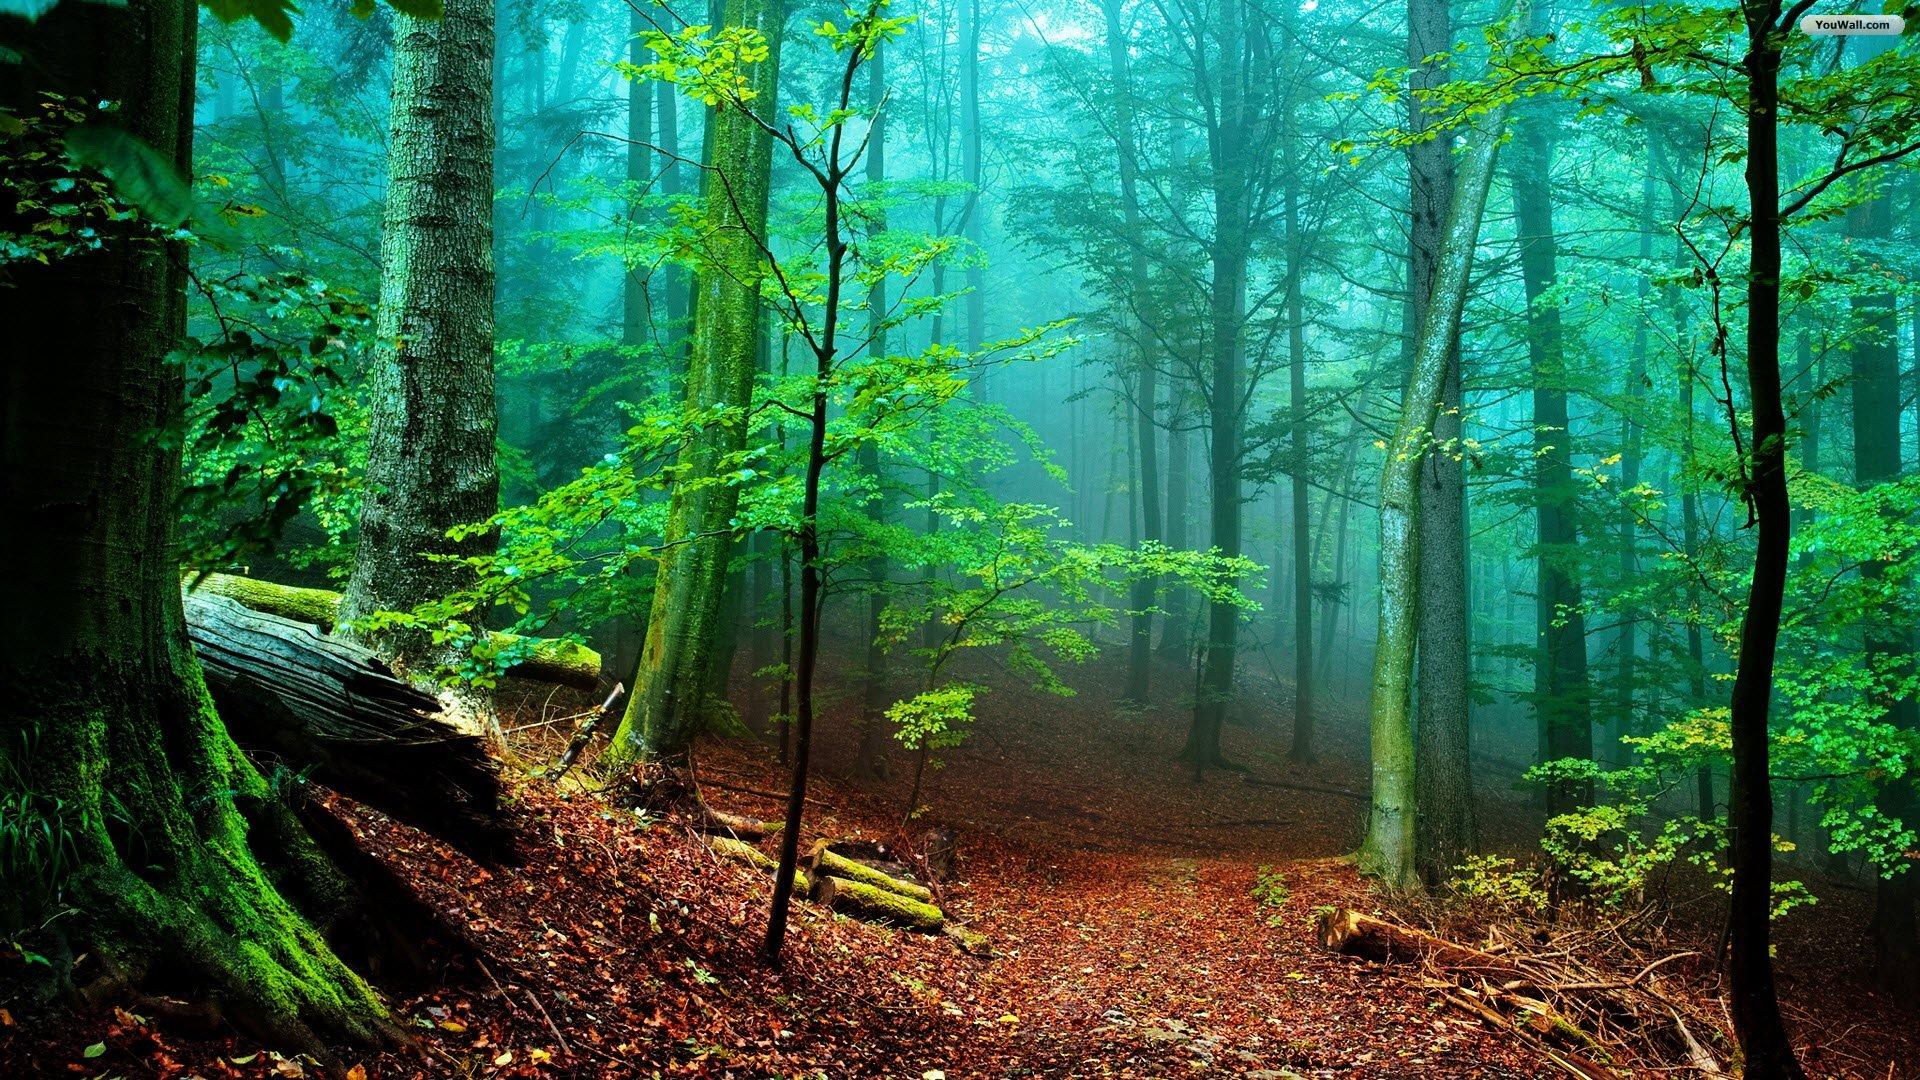 Forest Wallpaper Forest Wallpaper